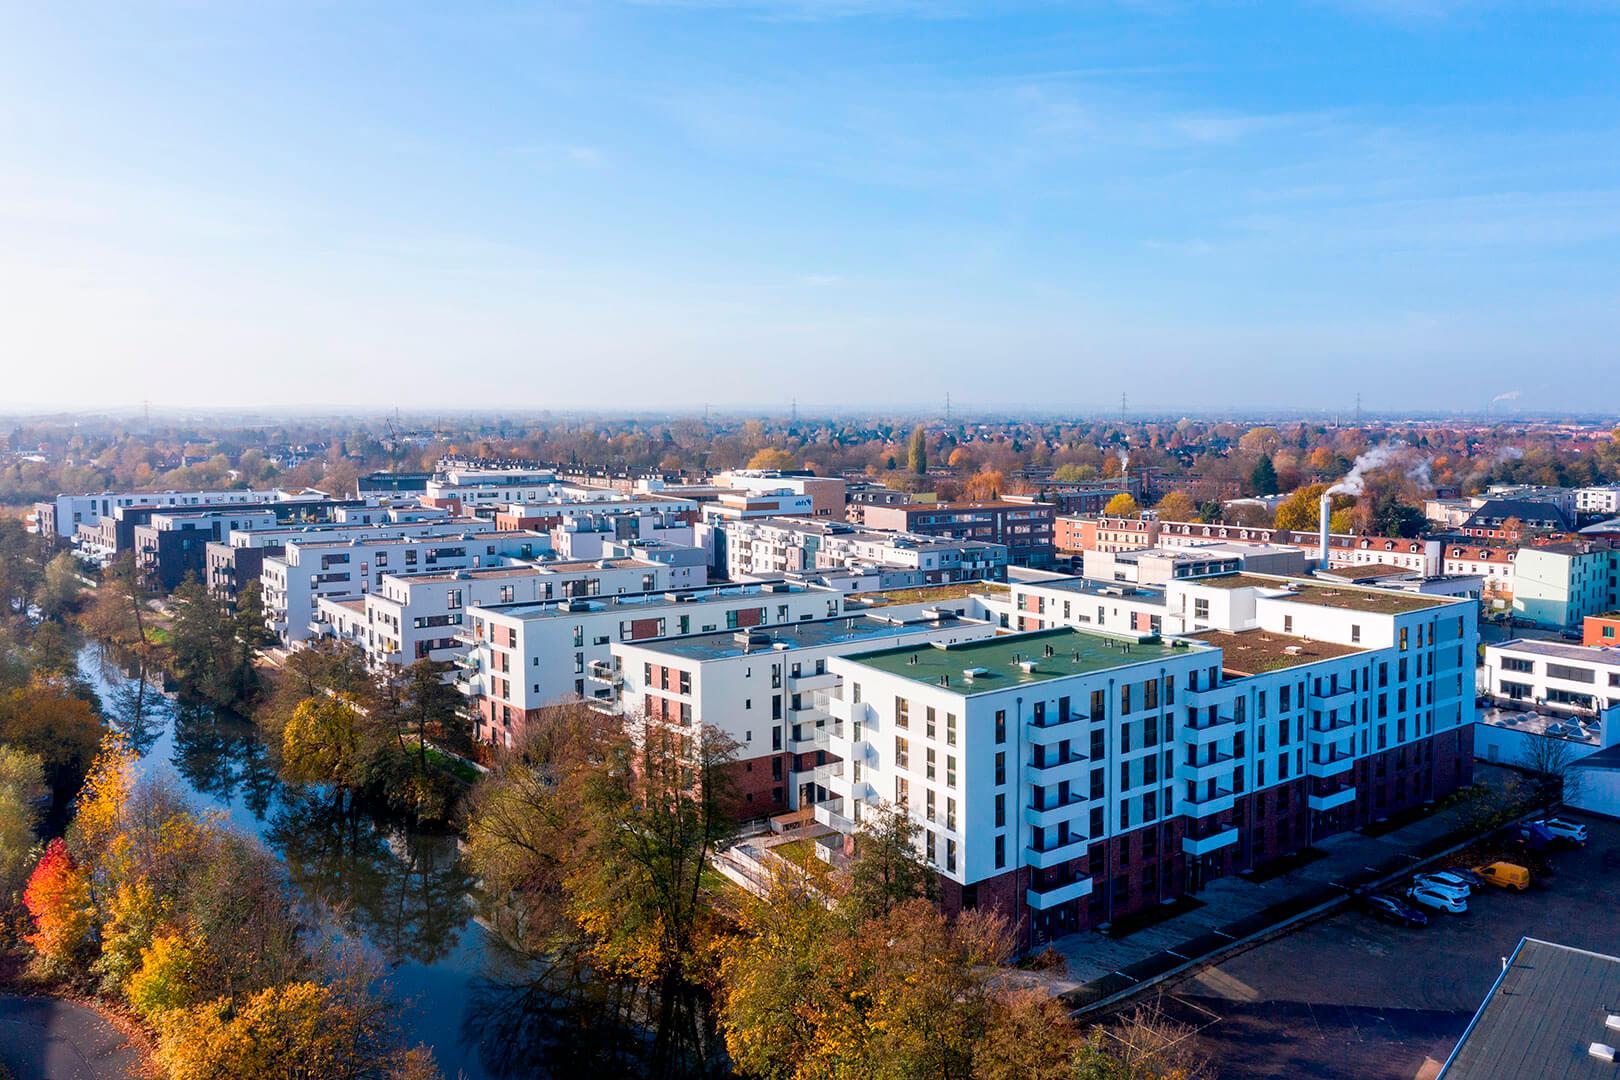 Glasbläserhöfe, Hamburg, Köster GmbH, Drohnenfoto